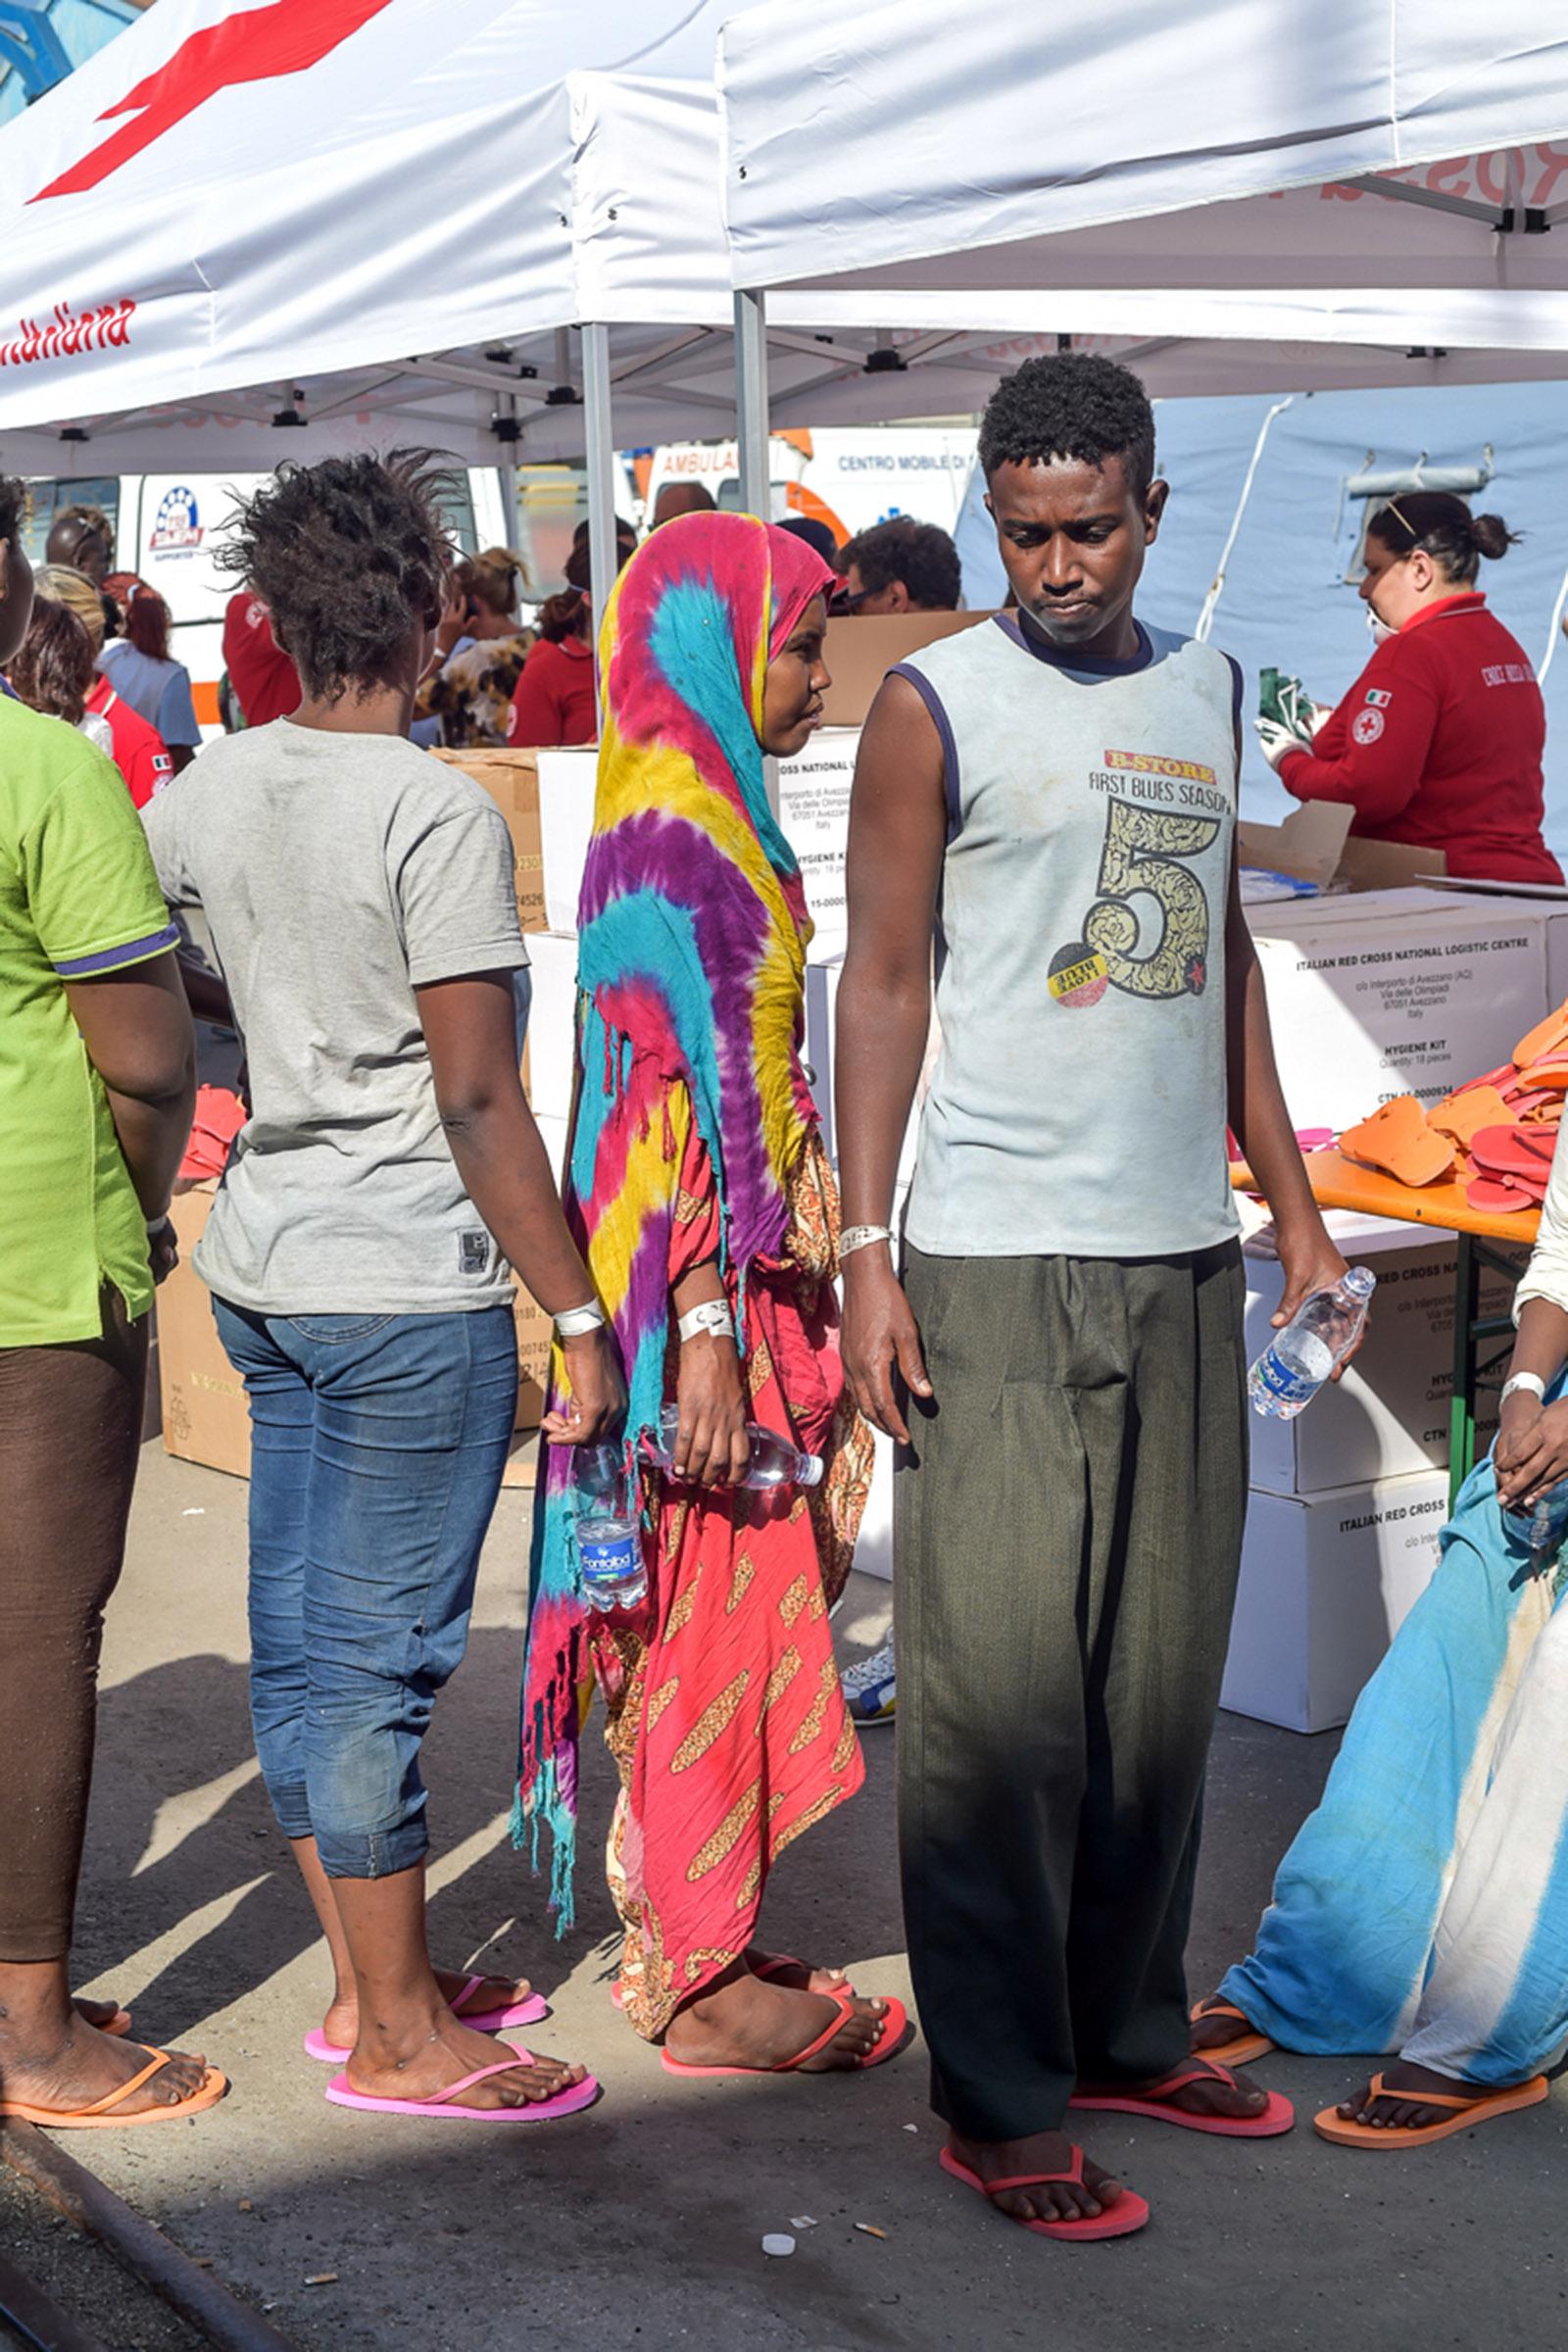 FOTO - Sbarco di immigrati nel porto di ViboTra 606 persone anche 16 bare in fila